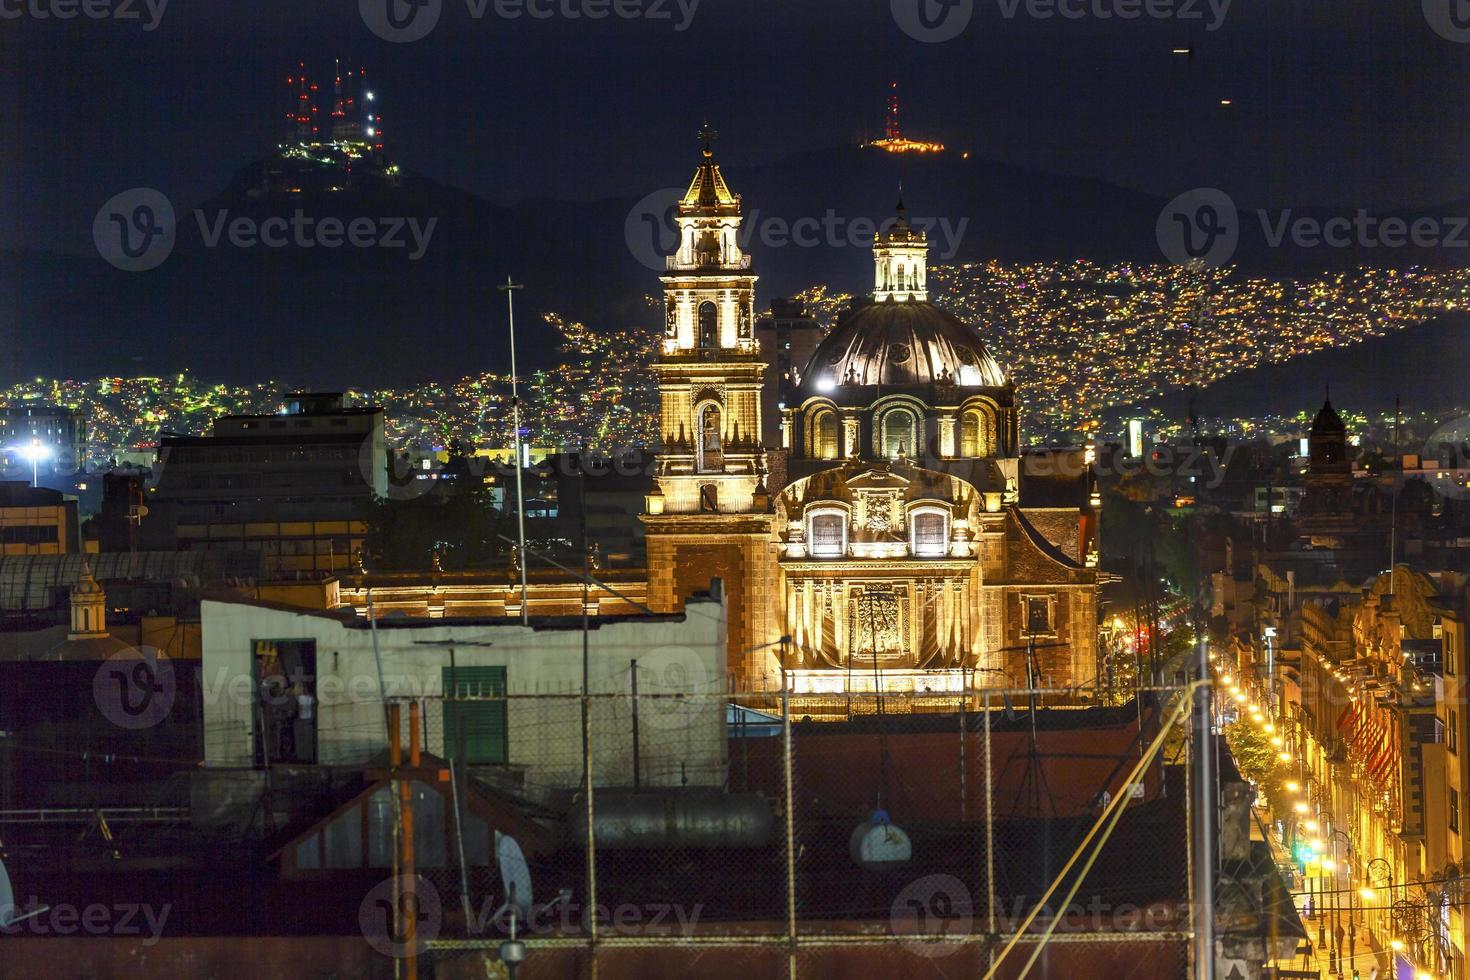 Plaza de Santa Domingo Chruches Zocalo Città del Messico Messico foto